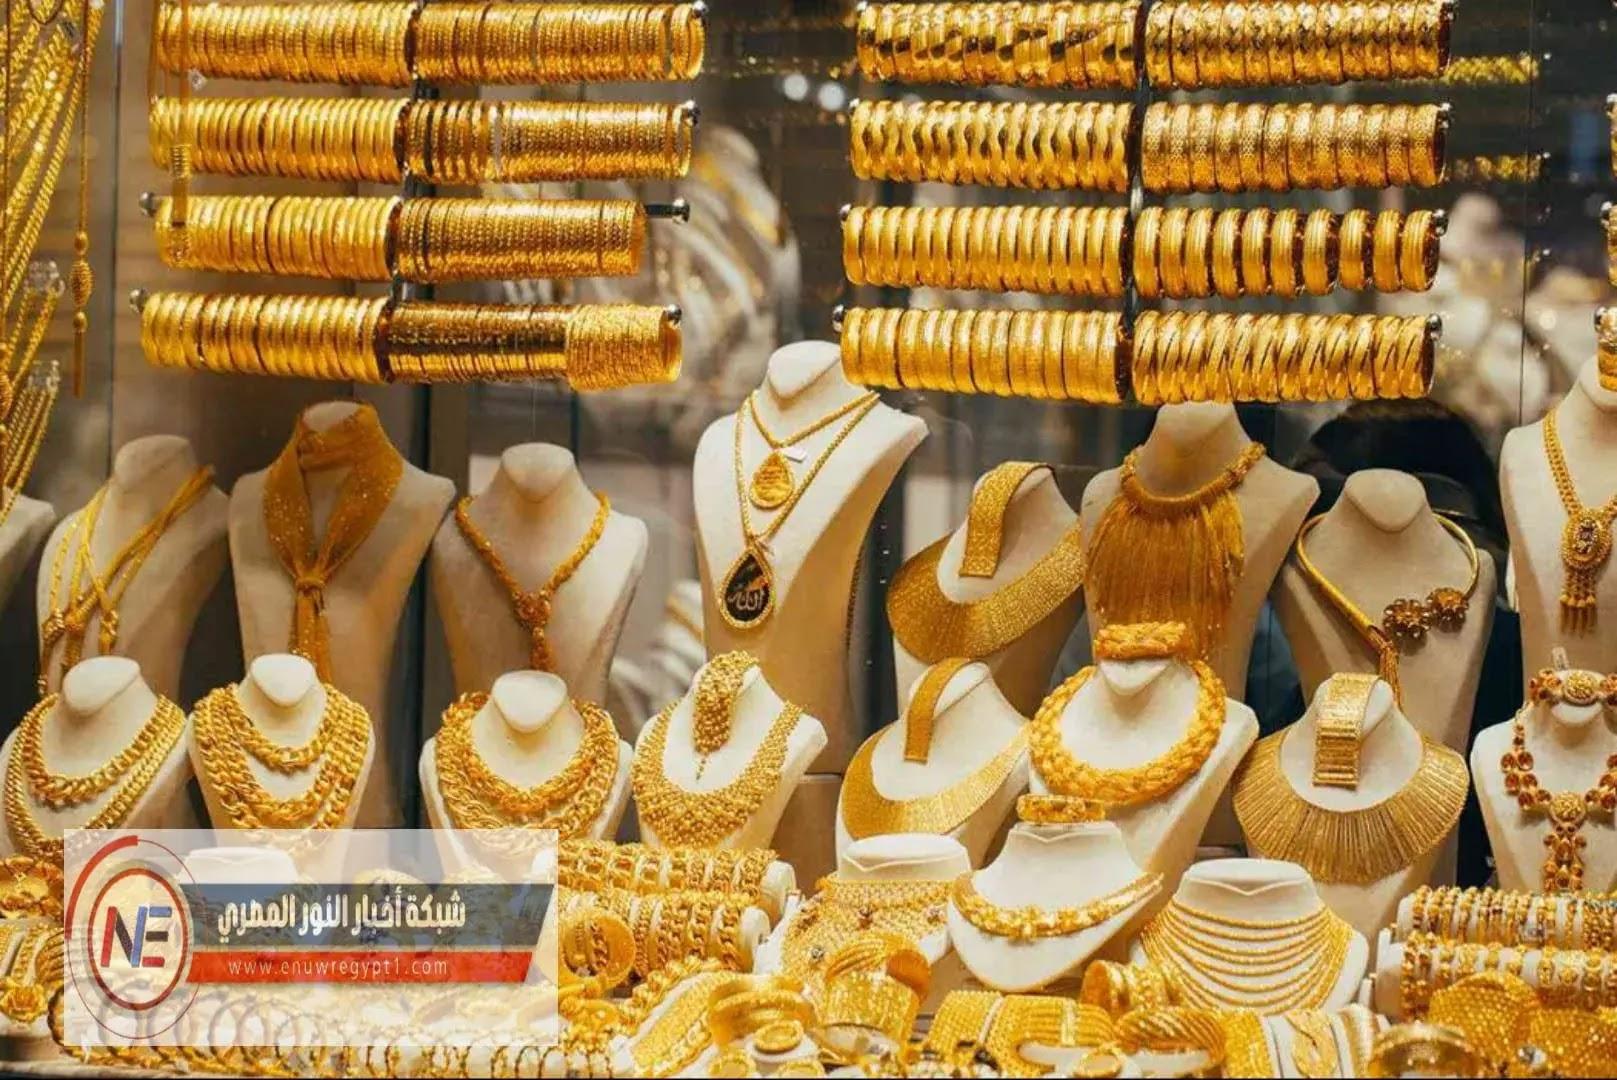 اسعار الذهب اليوم الثلاثاء 23-02-2021 | ارتفاع اسعار الذهب اليوم في الاسواق العالمية